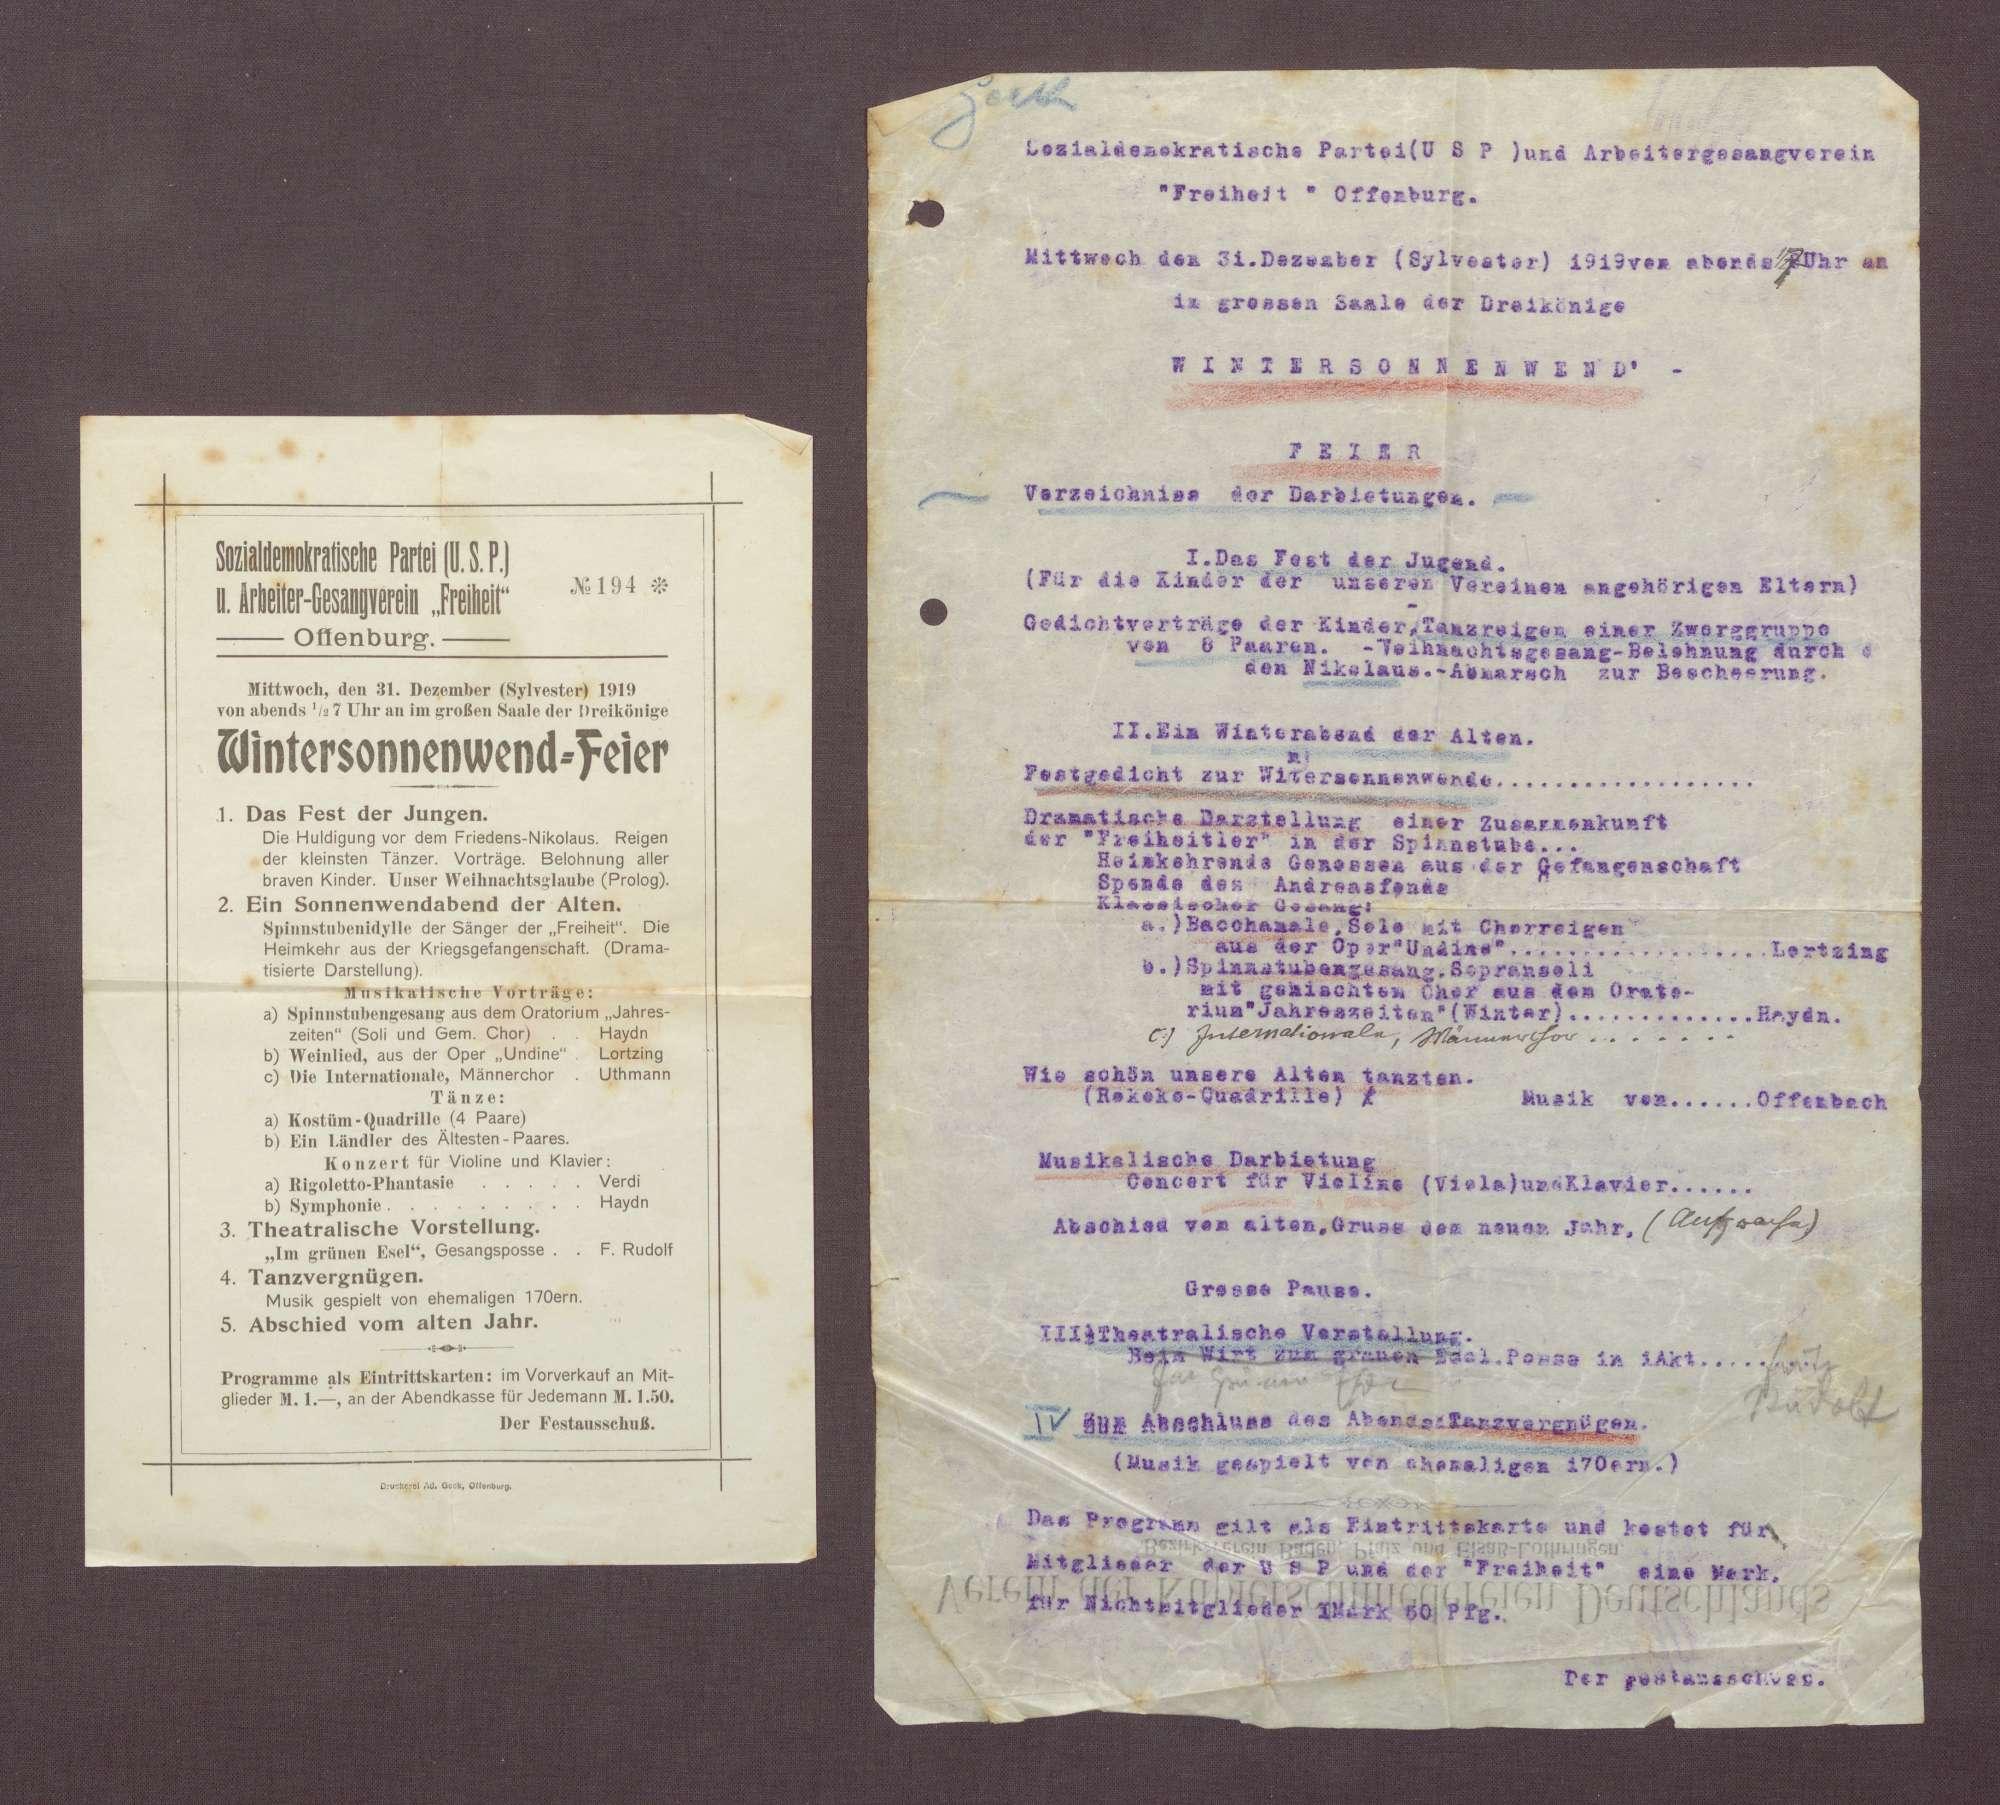 Einladung (mit Programm) des Festausschusses (Typoskript und Druckexemplar), Bild 2